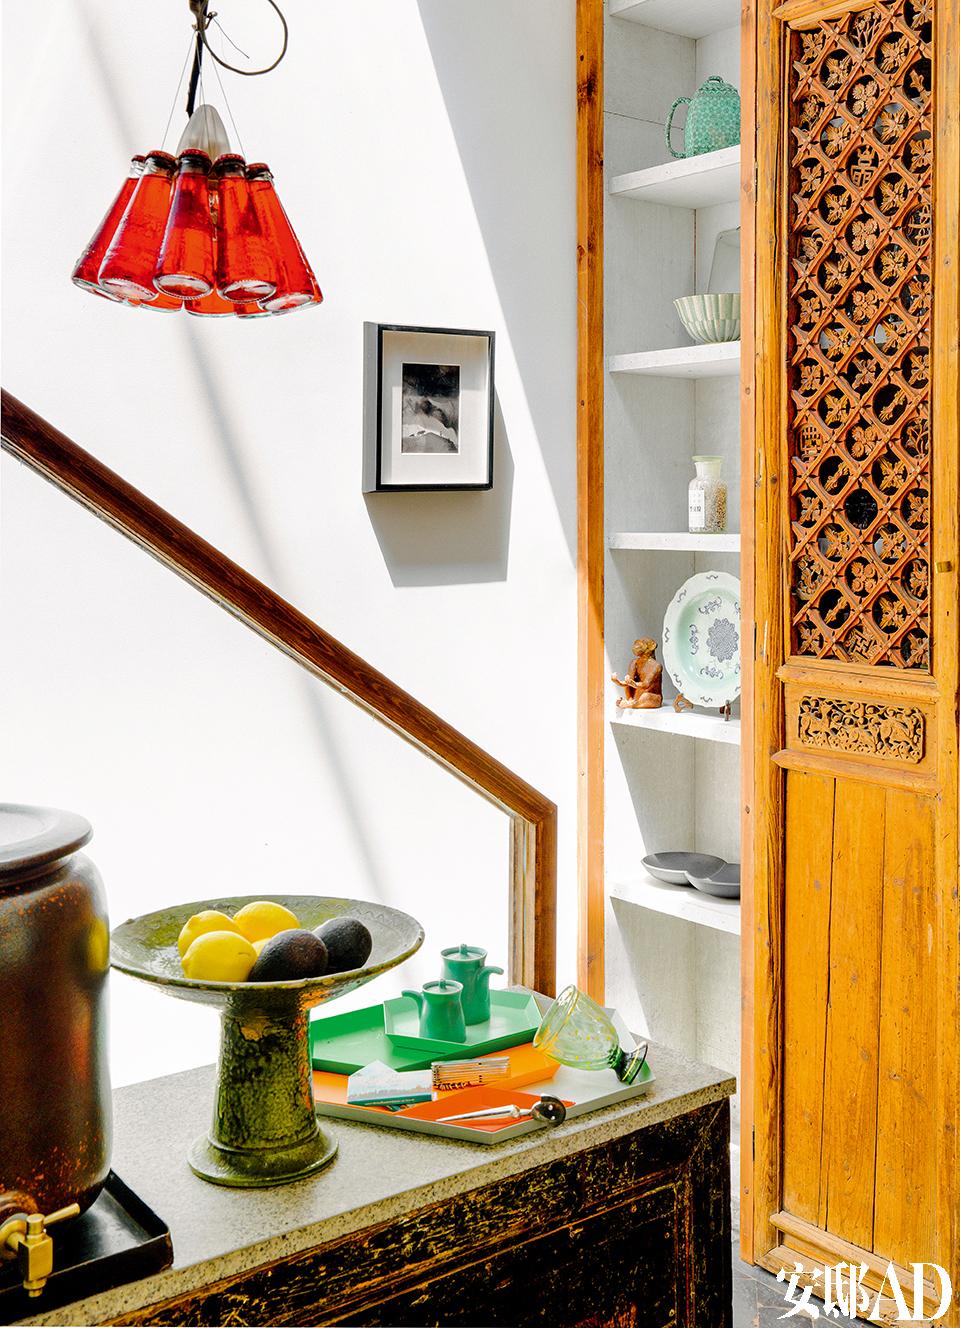 厨房上方是通透的玻璃窗,阳光倾泻,做饭的时光由此变得格外美好。厨房里可乐瓶式吊灯来自他很喜爱的灯具品牌Ingo Maurer。与墙体相连的储物柜里放置着他收藏的老瓷器摆件。